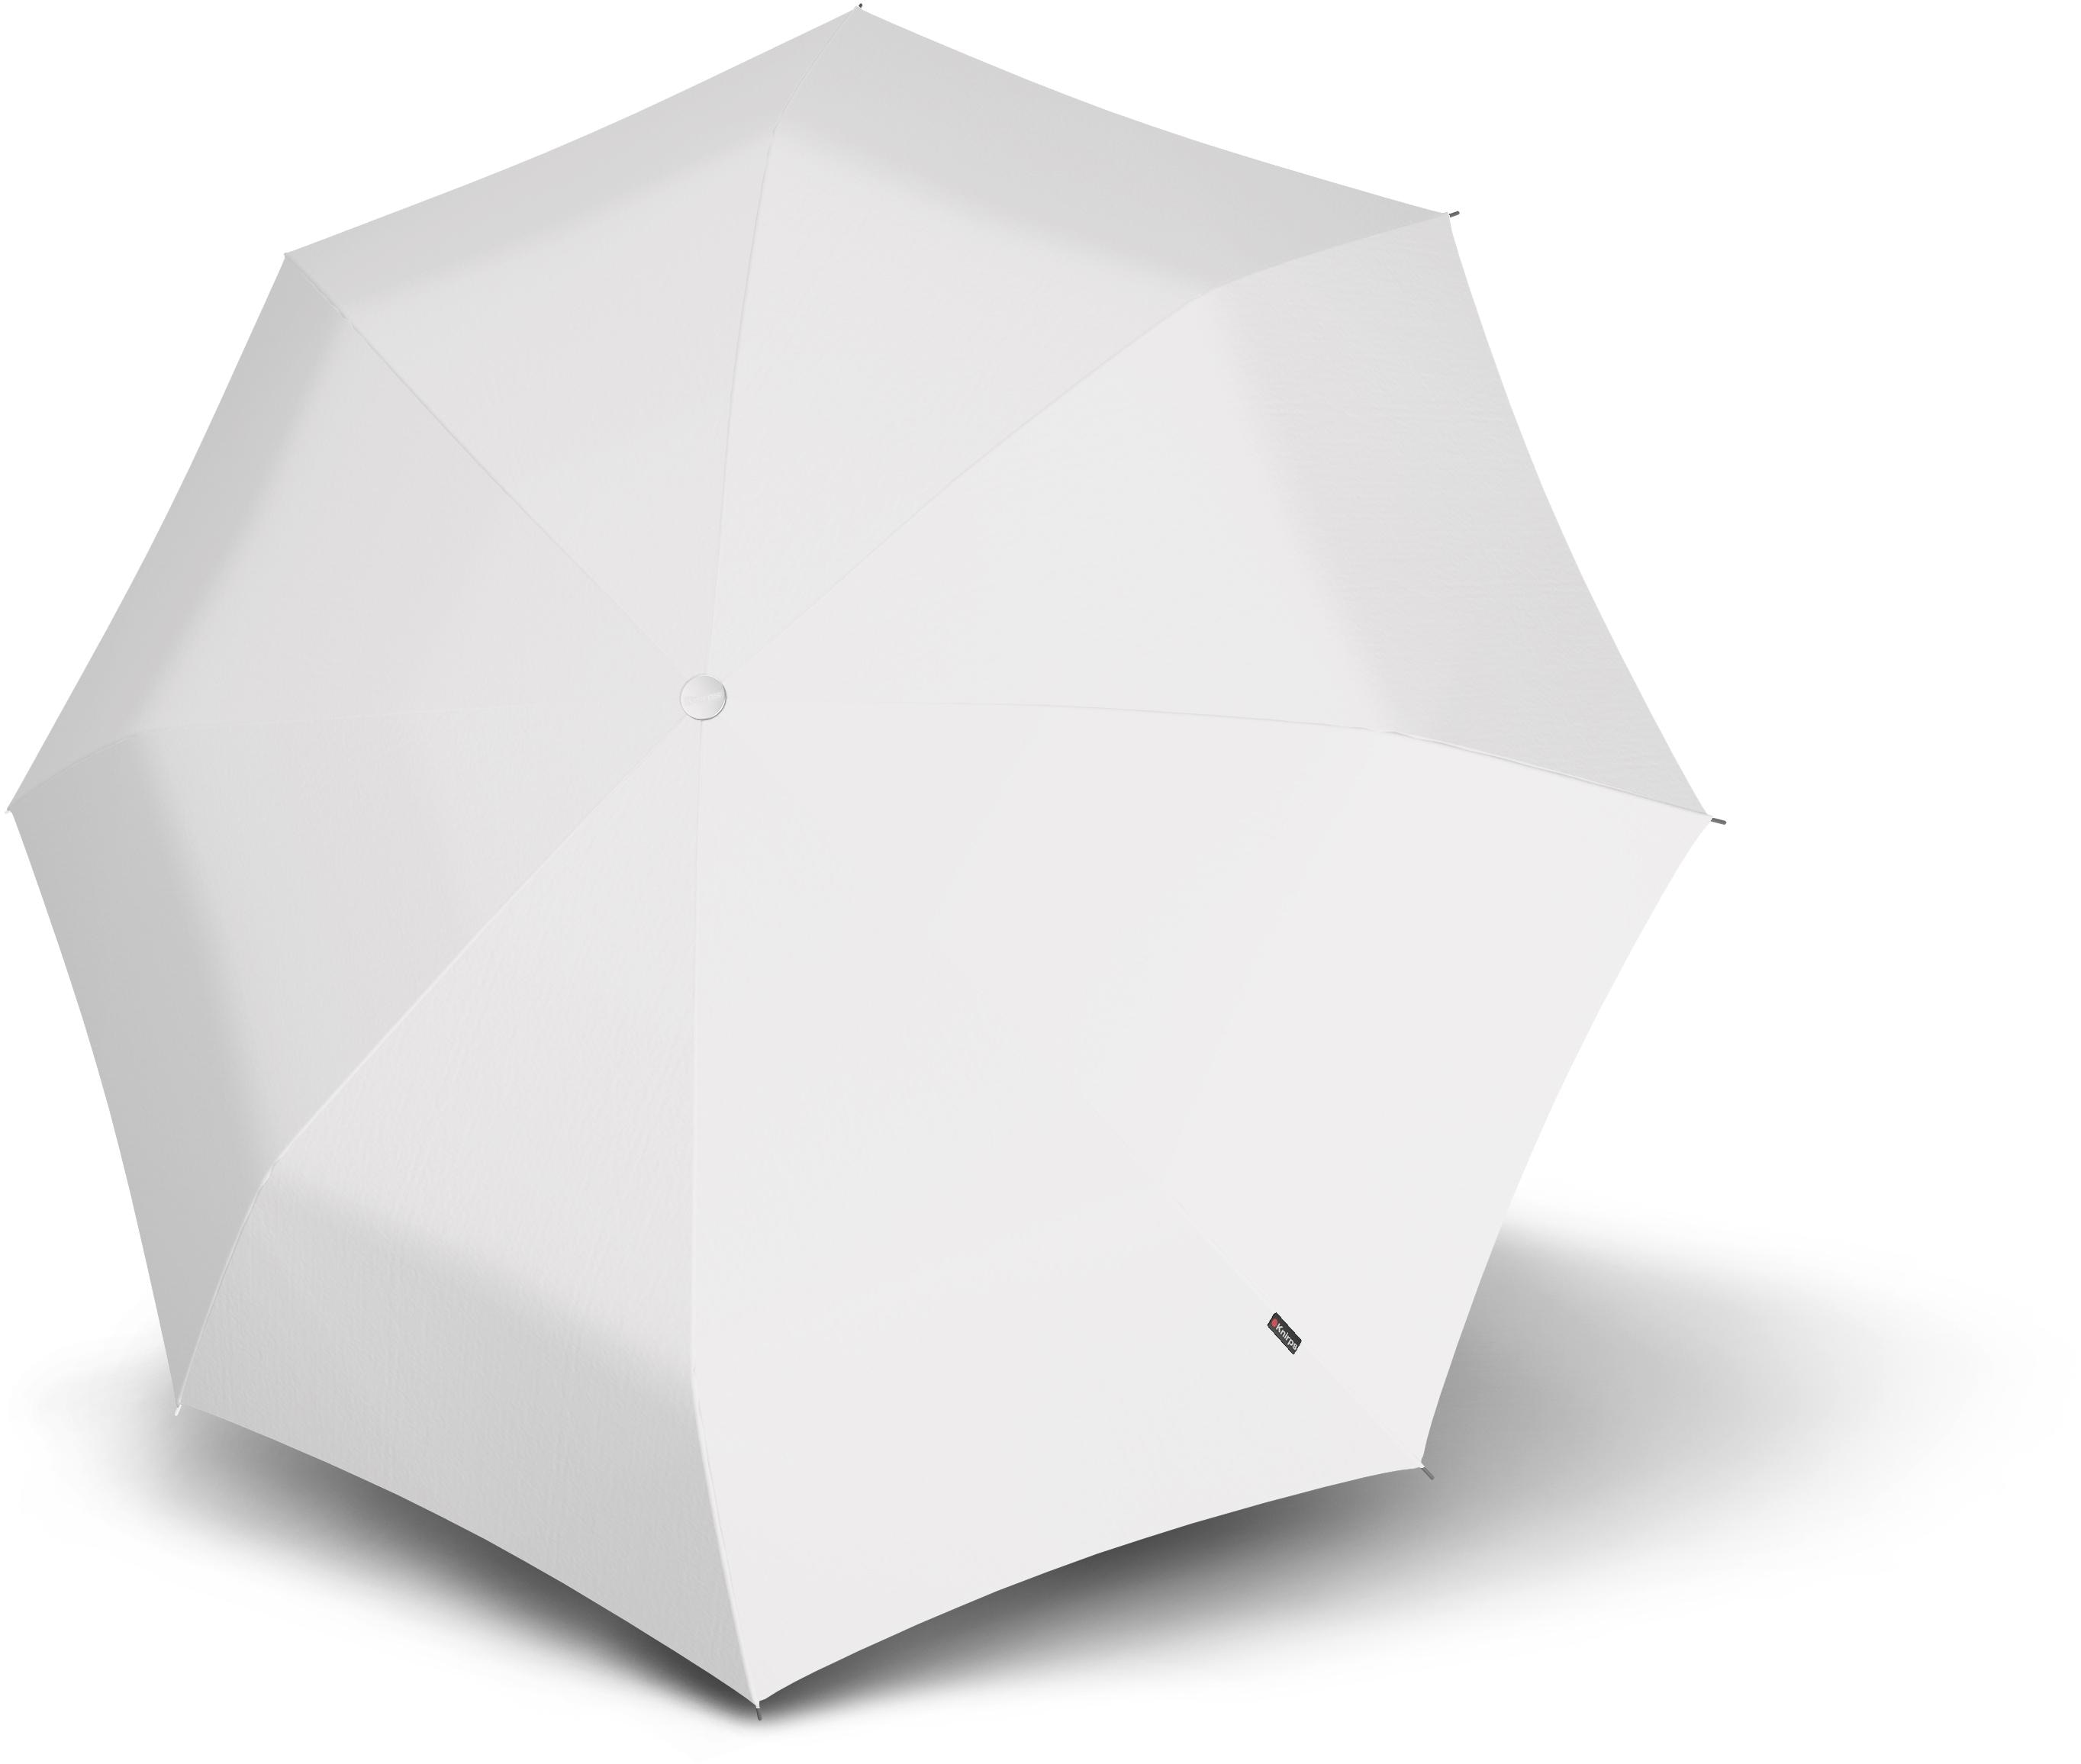 Knirps®, Taschenregenschirm ´´Floyd´´ | Accessoires > Regenschirme > Sonstige Regenschirme | Weiß | KNIRPS